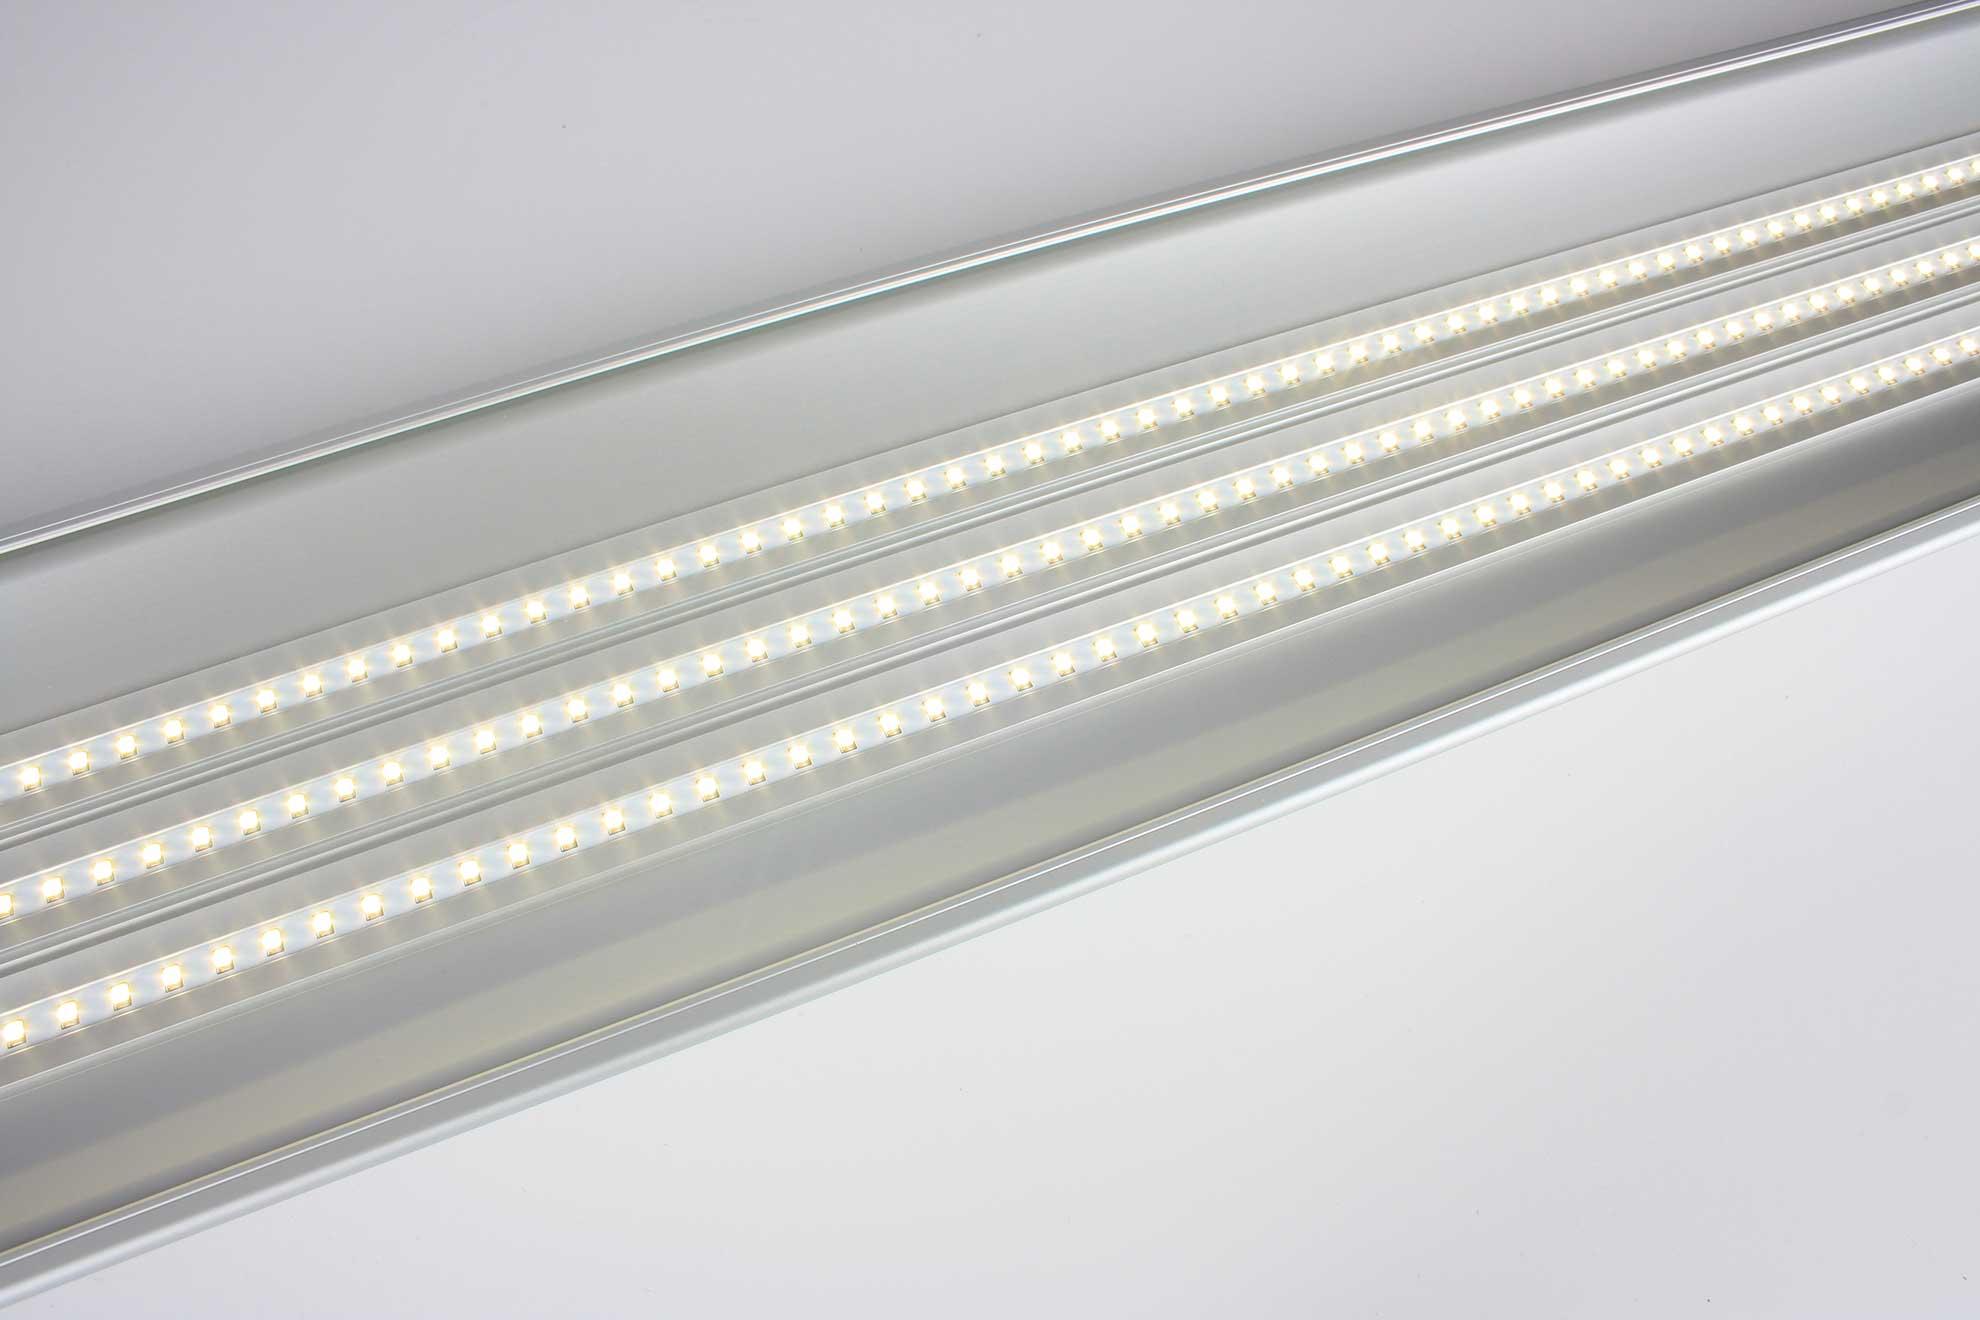 Plafoniera Led 150 Cm Prezzo : Plafoniere a led lineari per soffitto di diverse dimensioni